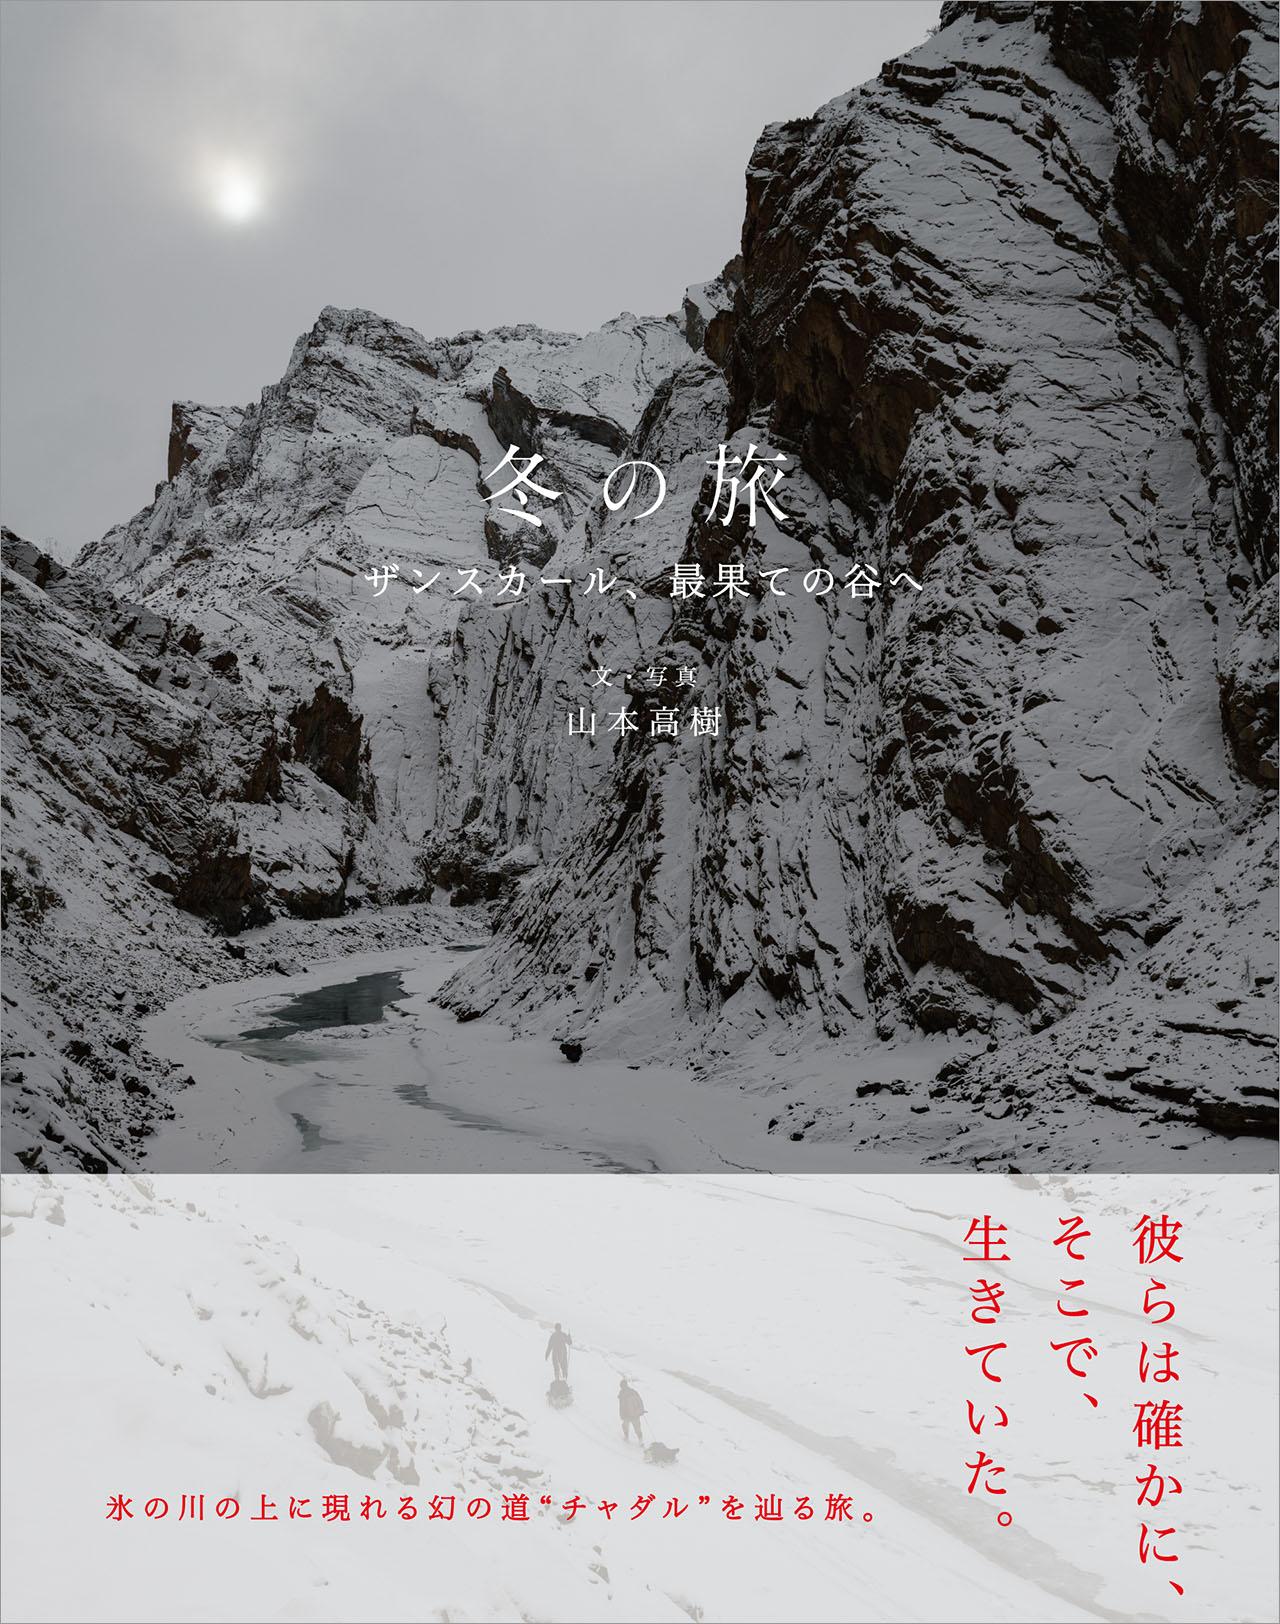 『冬の旅 ザンスカール、最果ての谷へ』